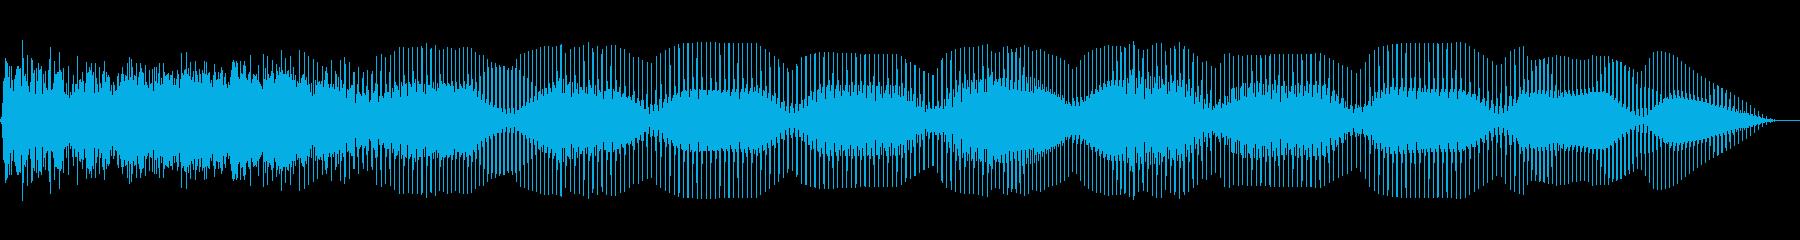 フローリングベースベッドの再生済みの波形